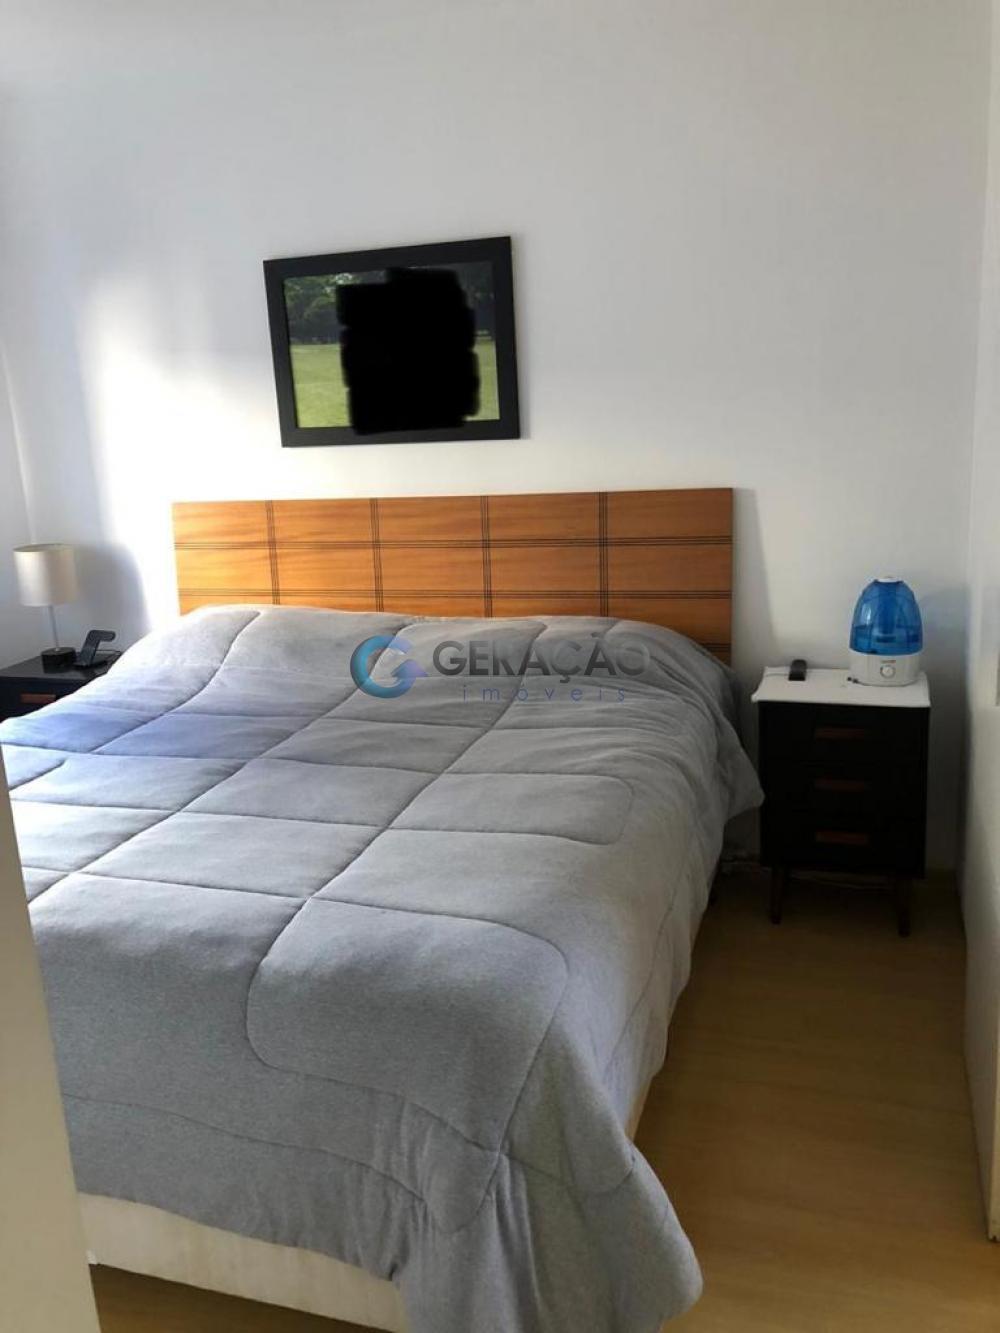 Comprar Apartamento / Padrão em São Paulo apenas R$ 1.300.000,00 - Foto 22